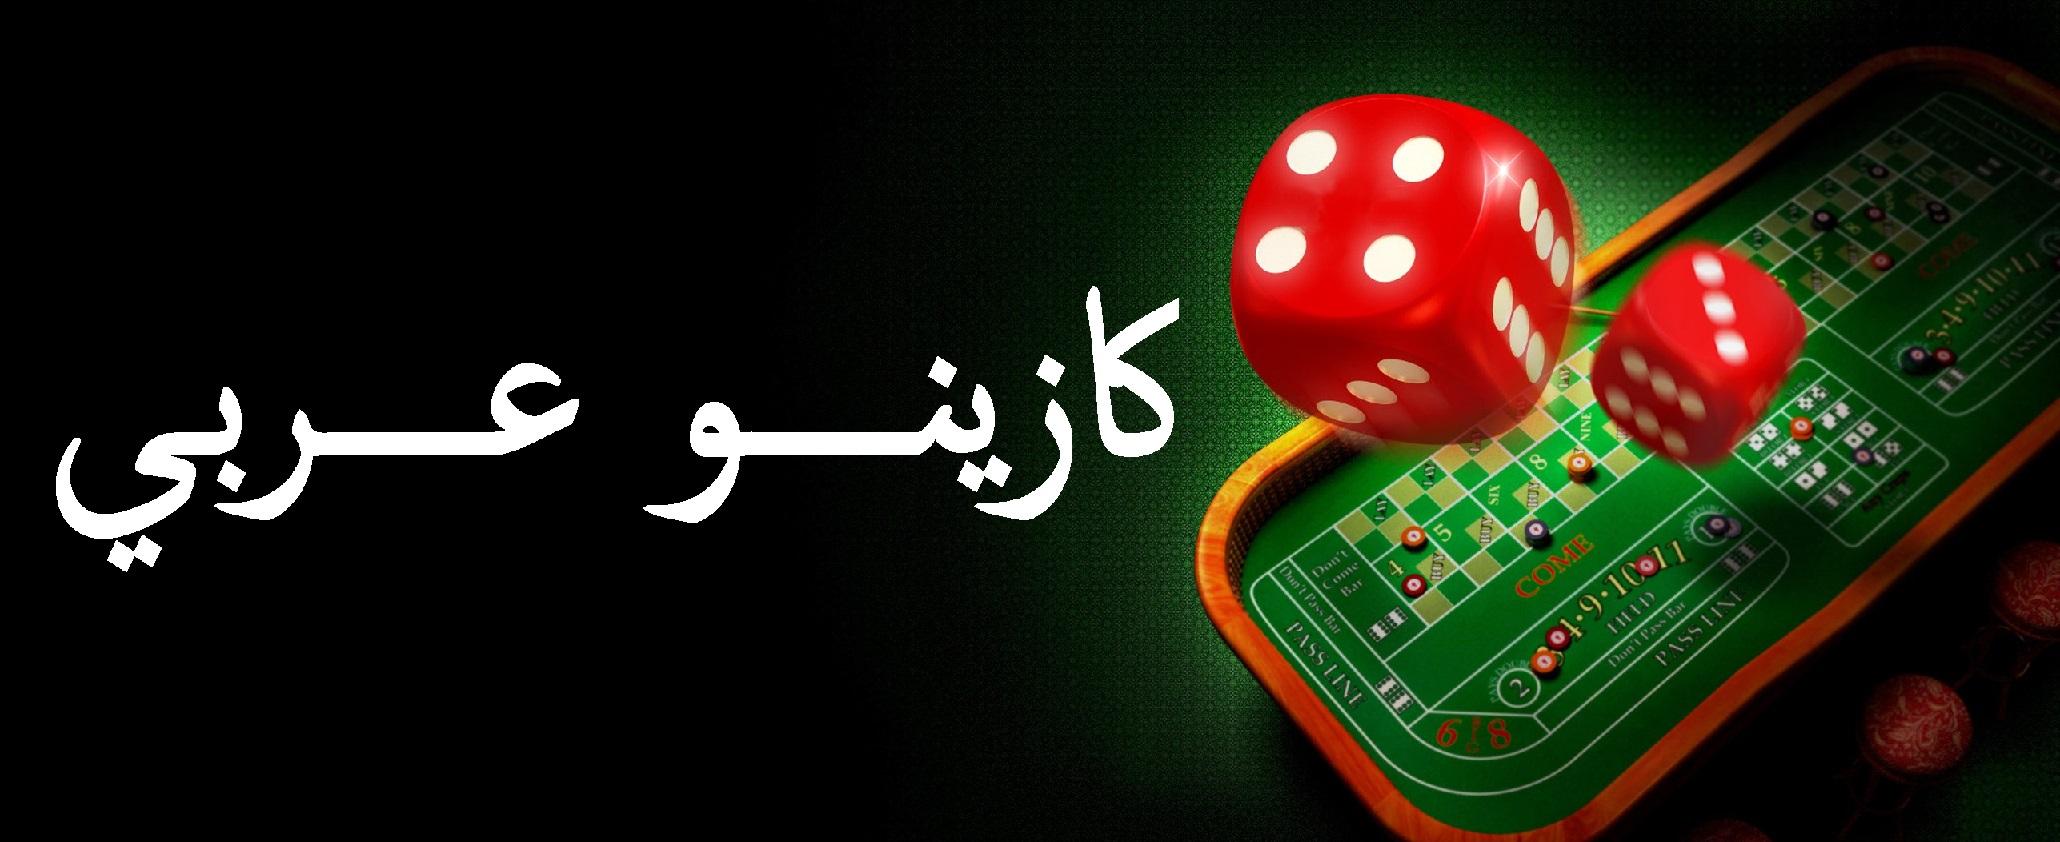 العب واربح - 66284